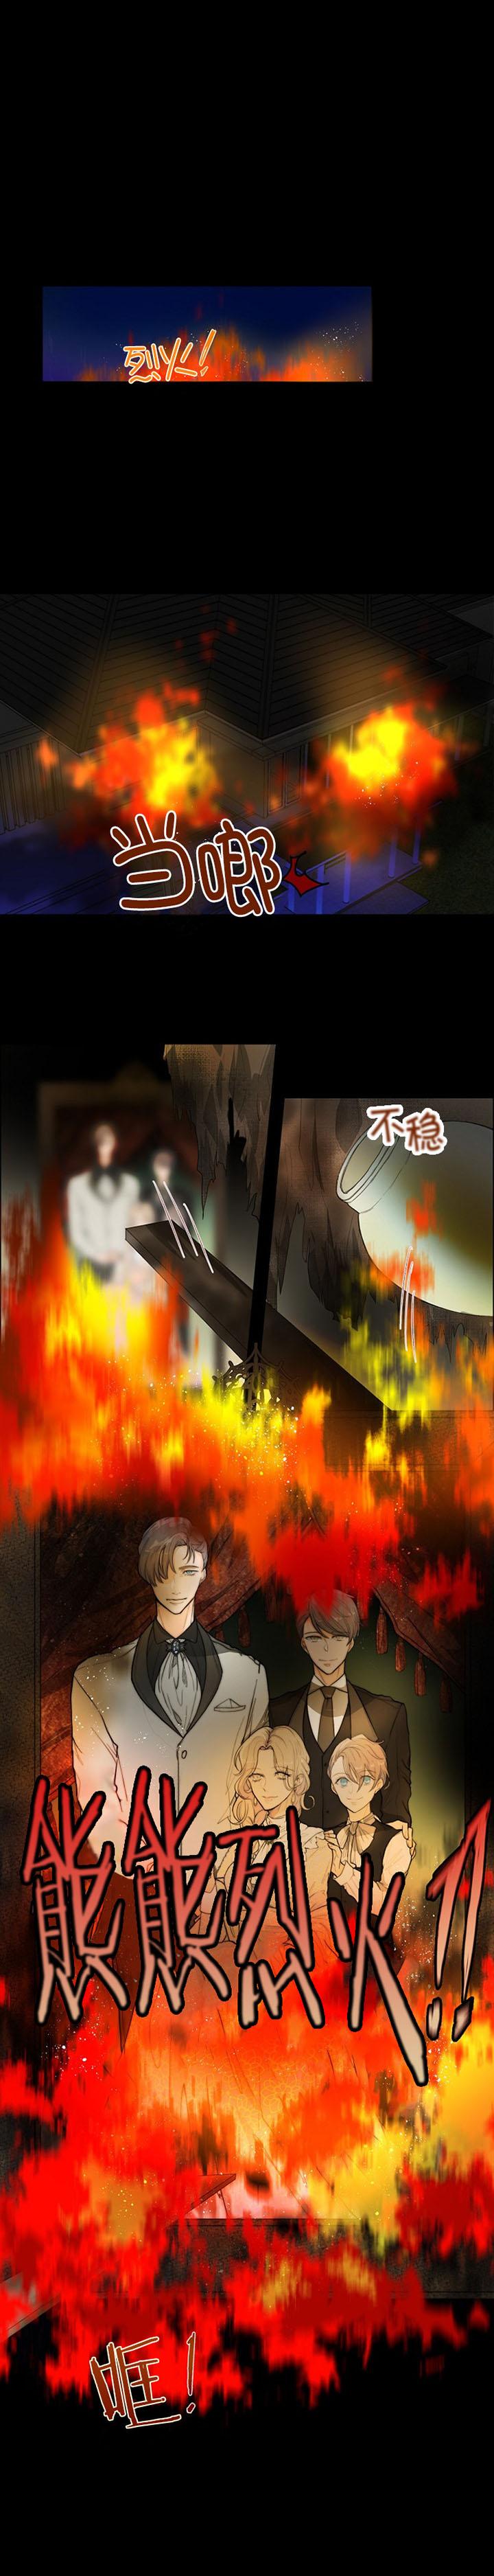 少爷的忠犬-漫画完整版汉化_最新连载更新至19话-啵乐漫画